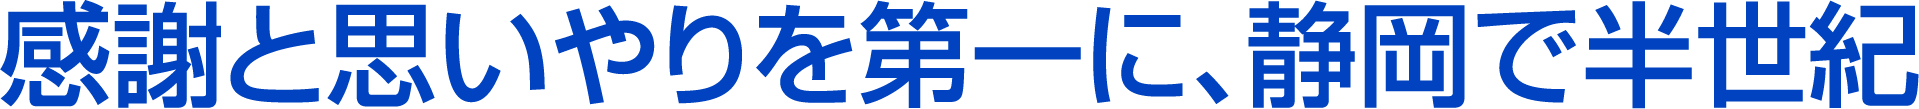 感謝と思いやりを第一に、静岡で半世紀 小澤商会